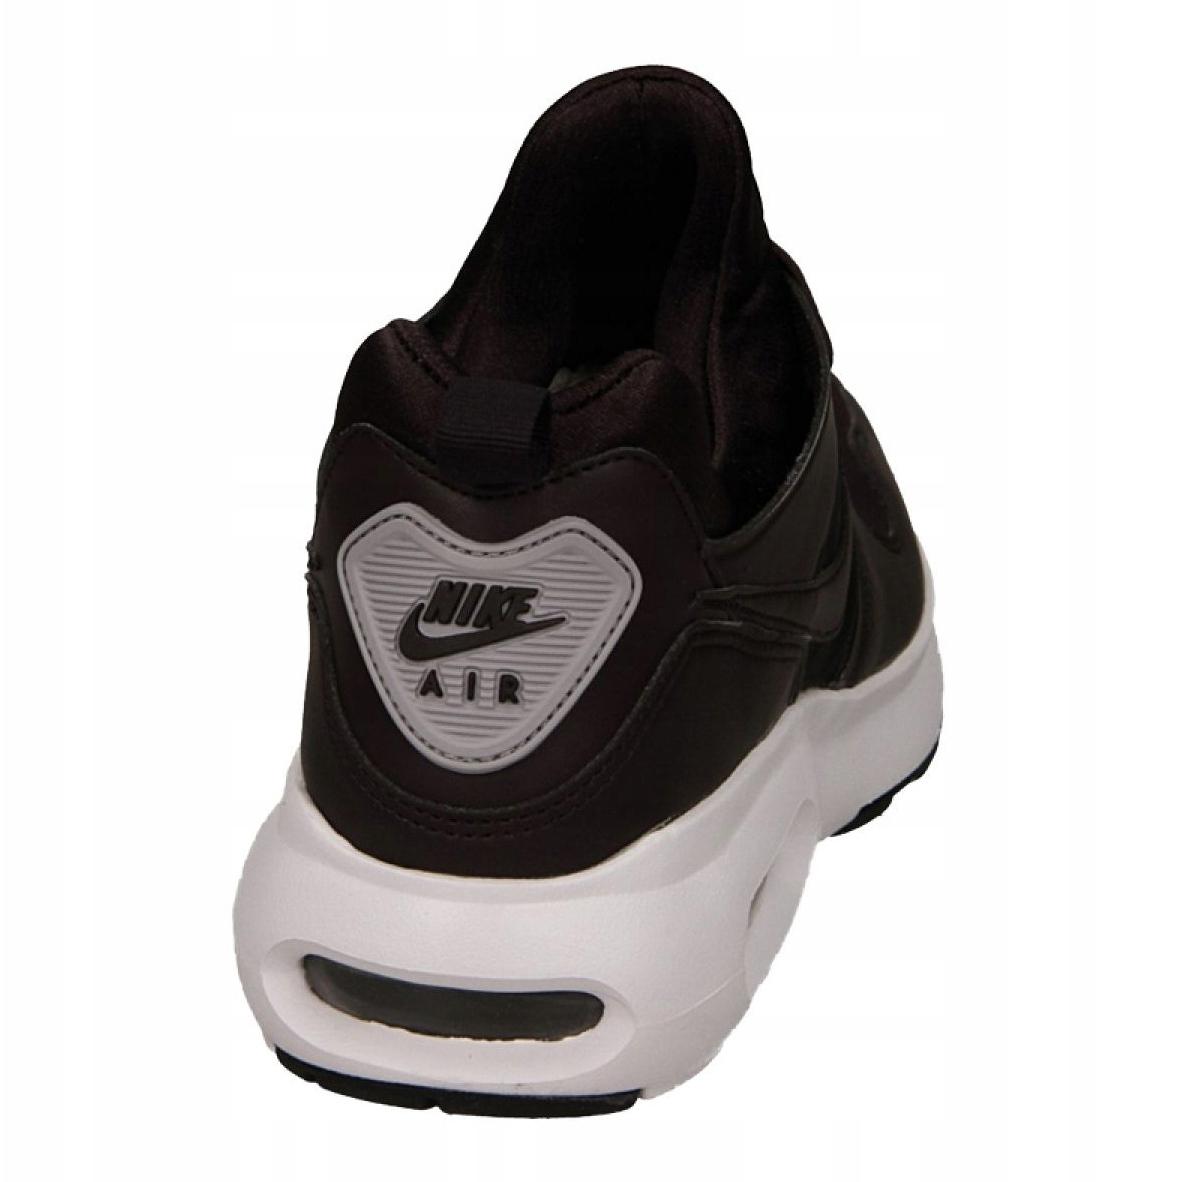 Rot Nike Air Max Prime Sl M 876069 600 Schuhe